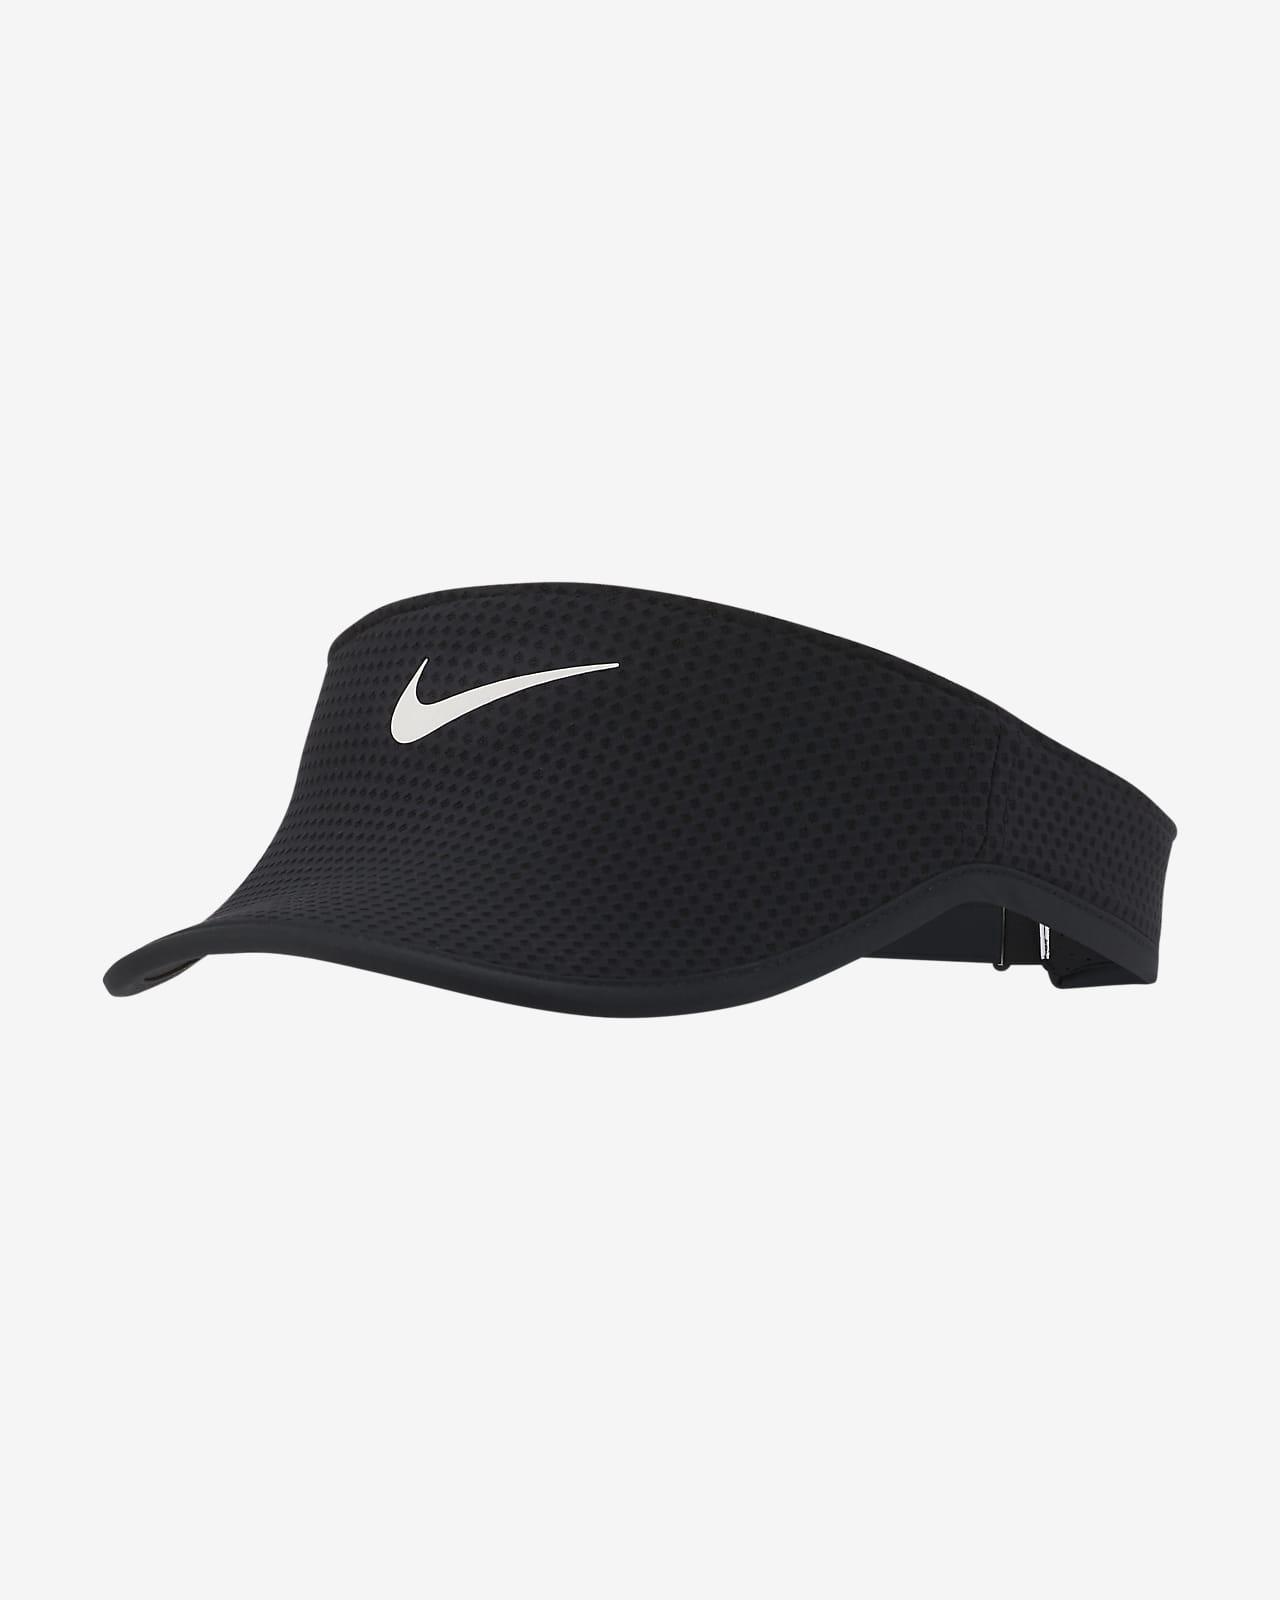 Visera de running para mujer Nike Dri-FIT Aerobill